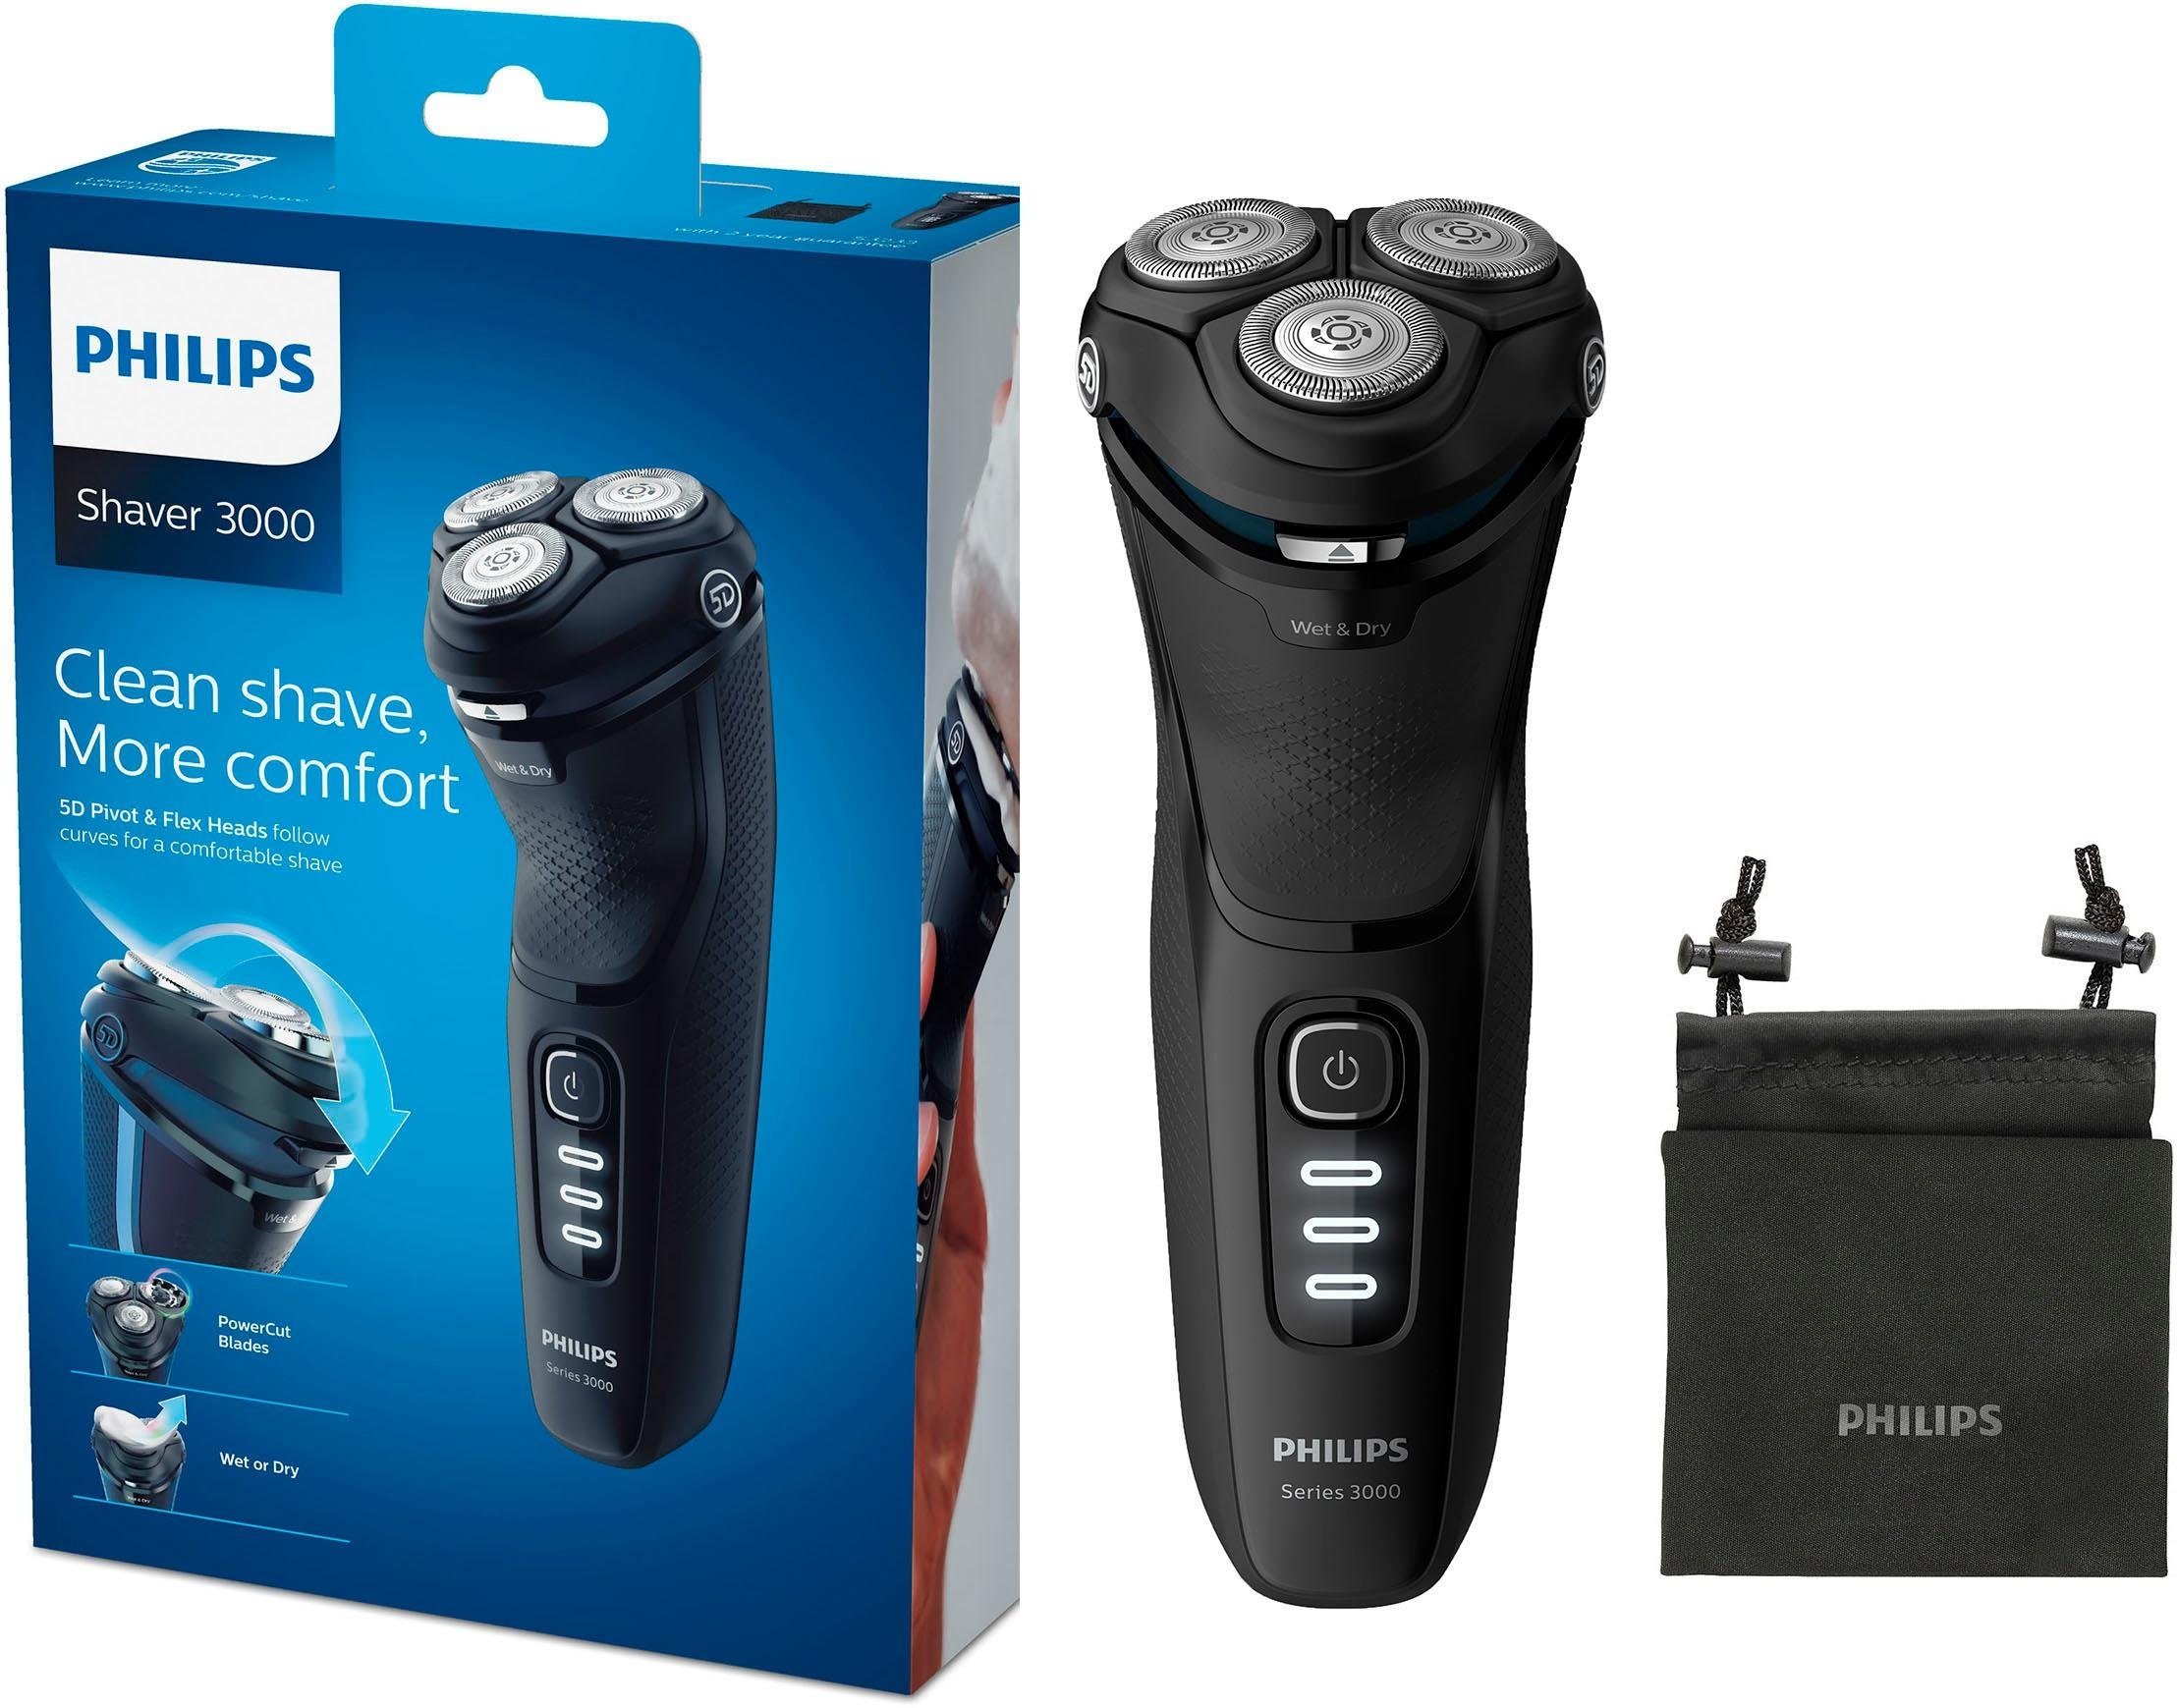 Philips elektrisch scheerapparaat S3233/52 Series 3200 met powercut-lemmeten voordelig en veilig online kopen